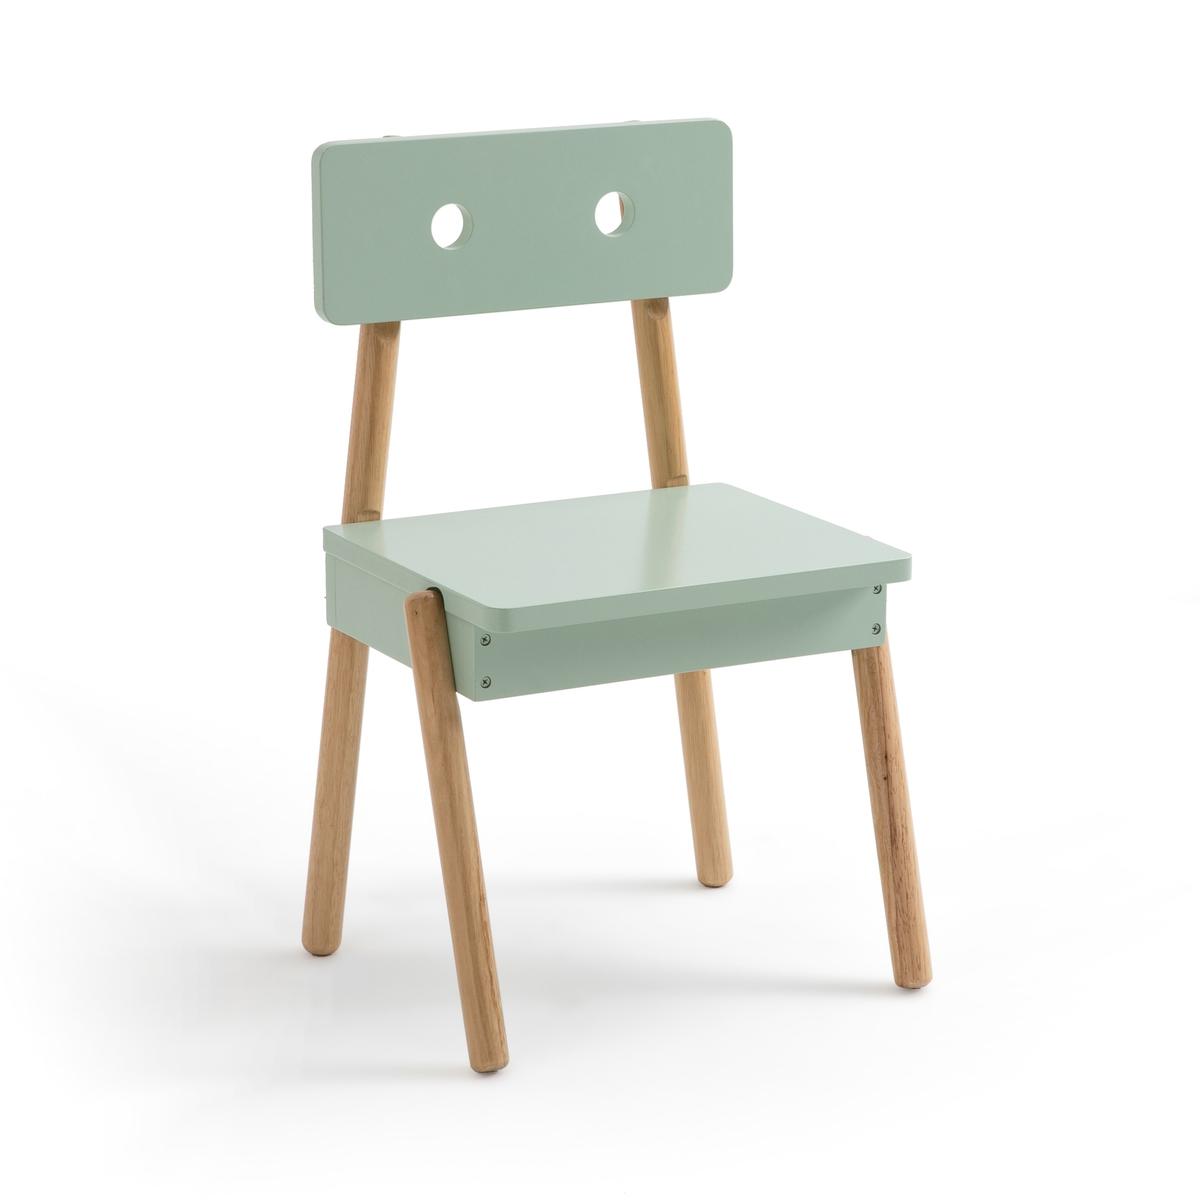 Стул La Redoute Для письменного стола детский Wallet единый размер зеленый